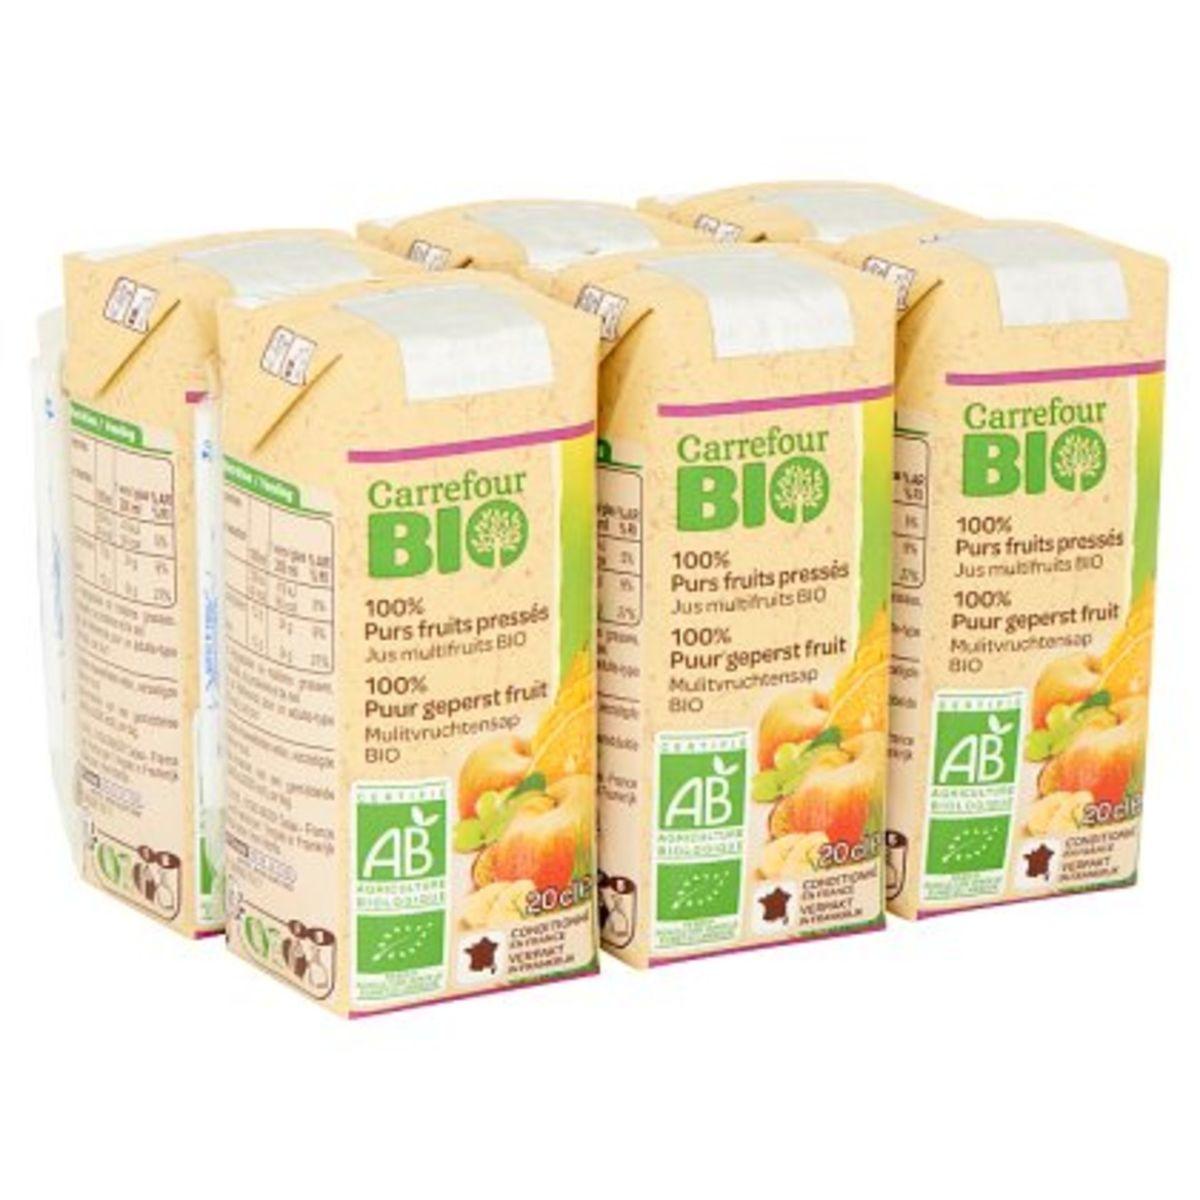 Carrefour Bio 100% Puur Geperst Fruit Mulitvruchtensap Bio 6 x 20 cl